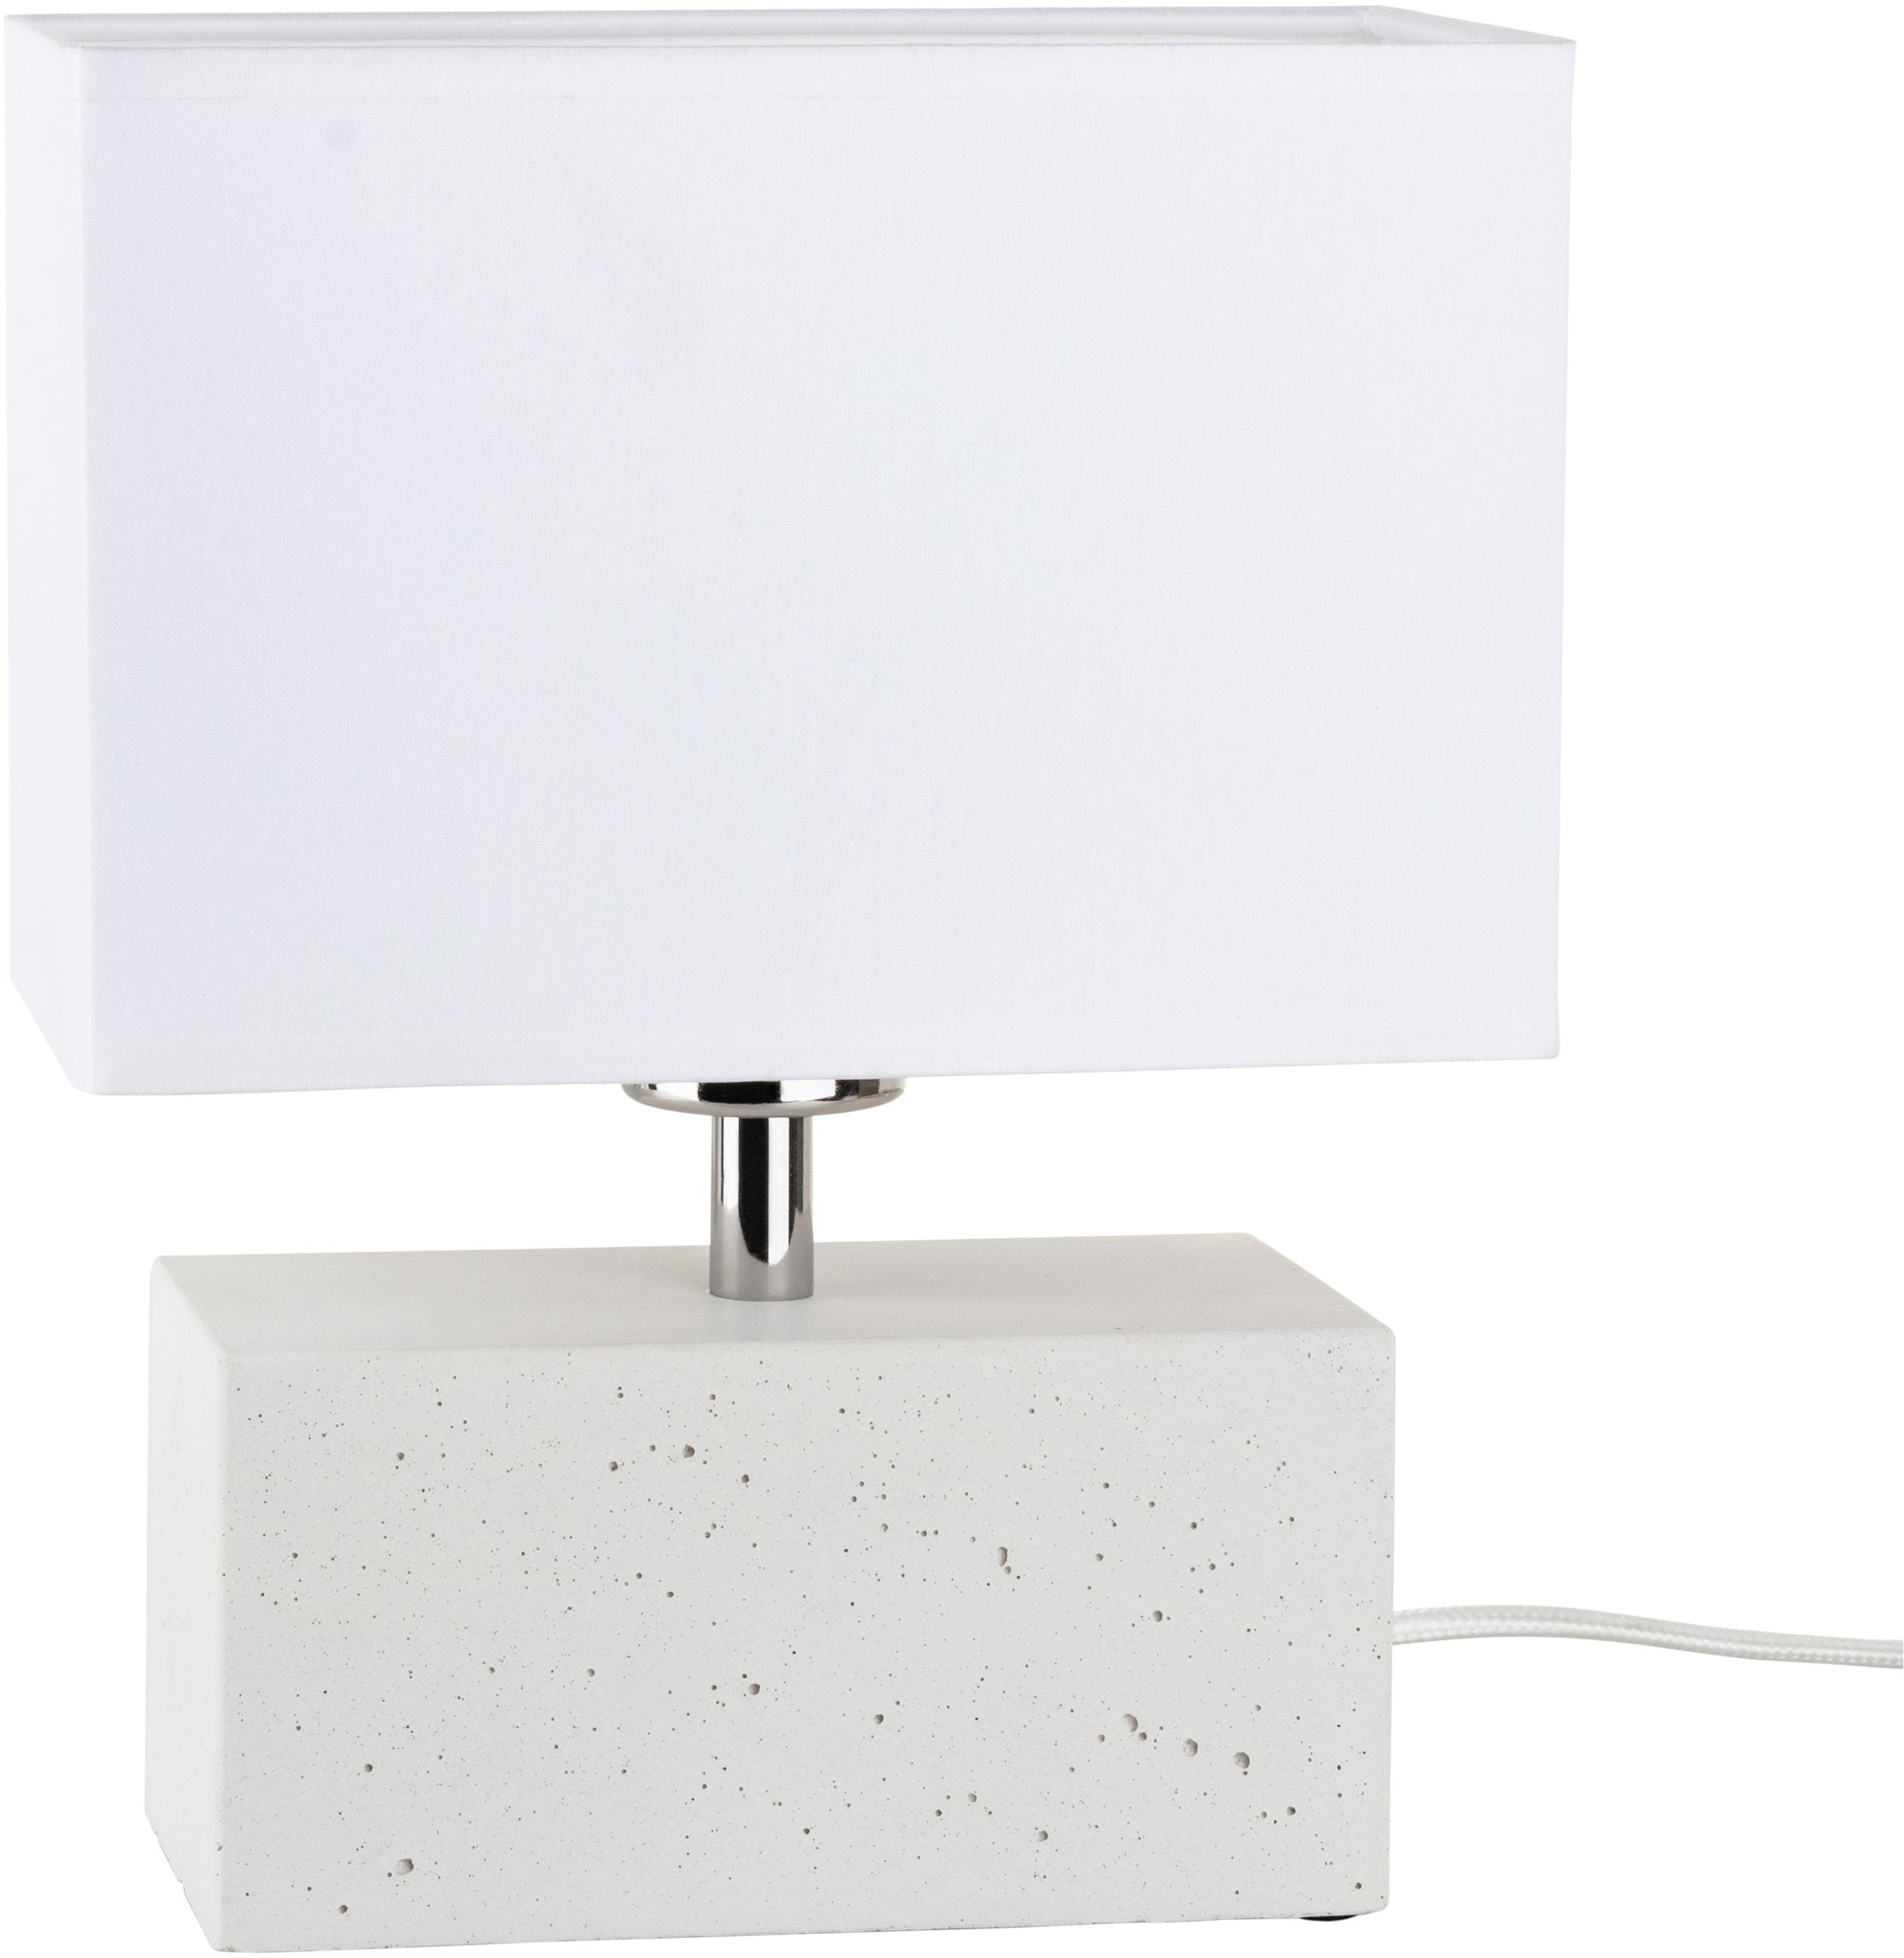 SPOT Light Tischleuchte STRONG DOUBLE, E27, 1 St., Wertige Materialien: echtes Beton und Leuchtenschirm aus Stoff, Naturprodukt - nachhaltig, Trendiges Design, Made in EU